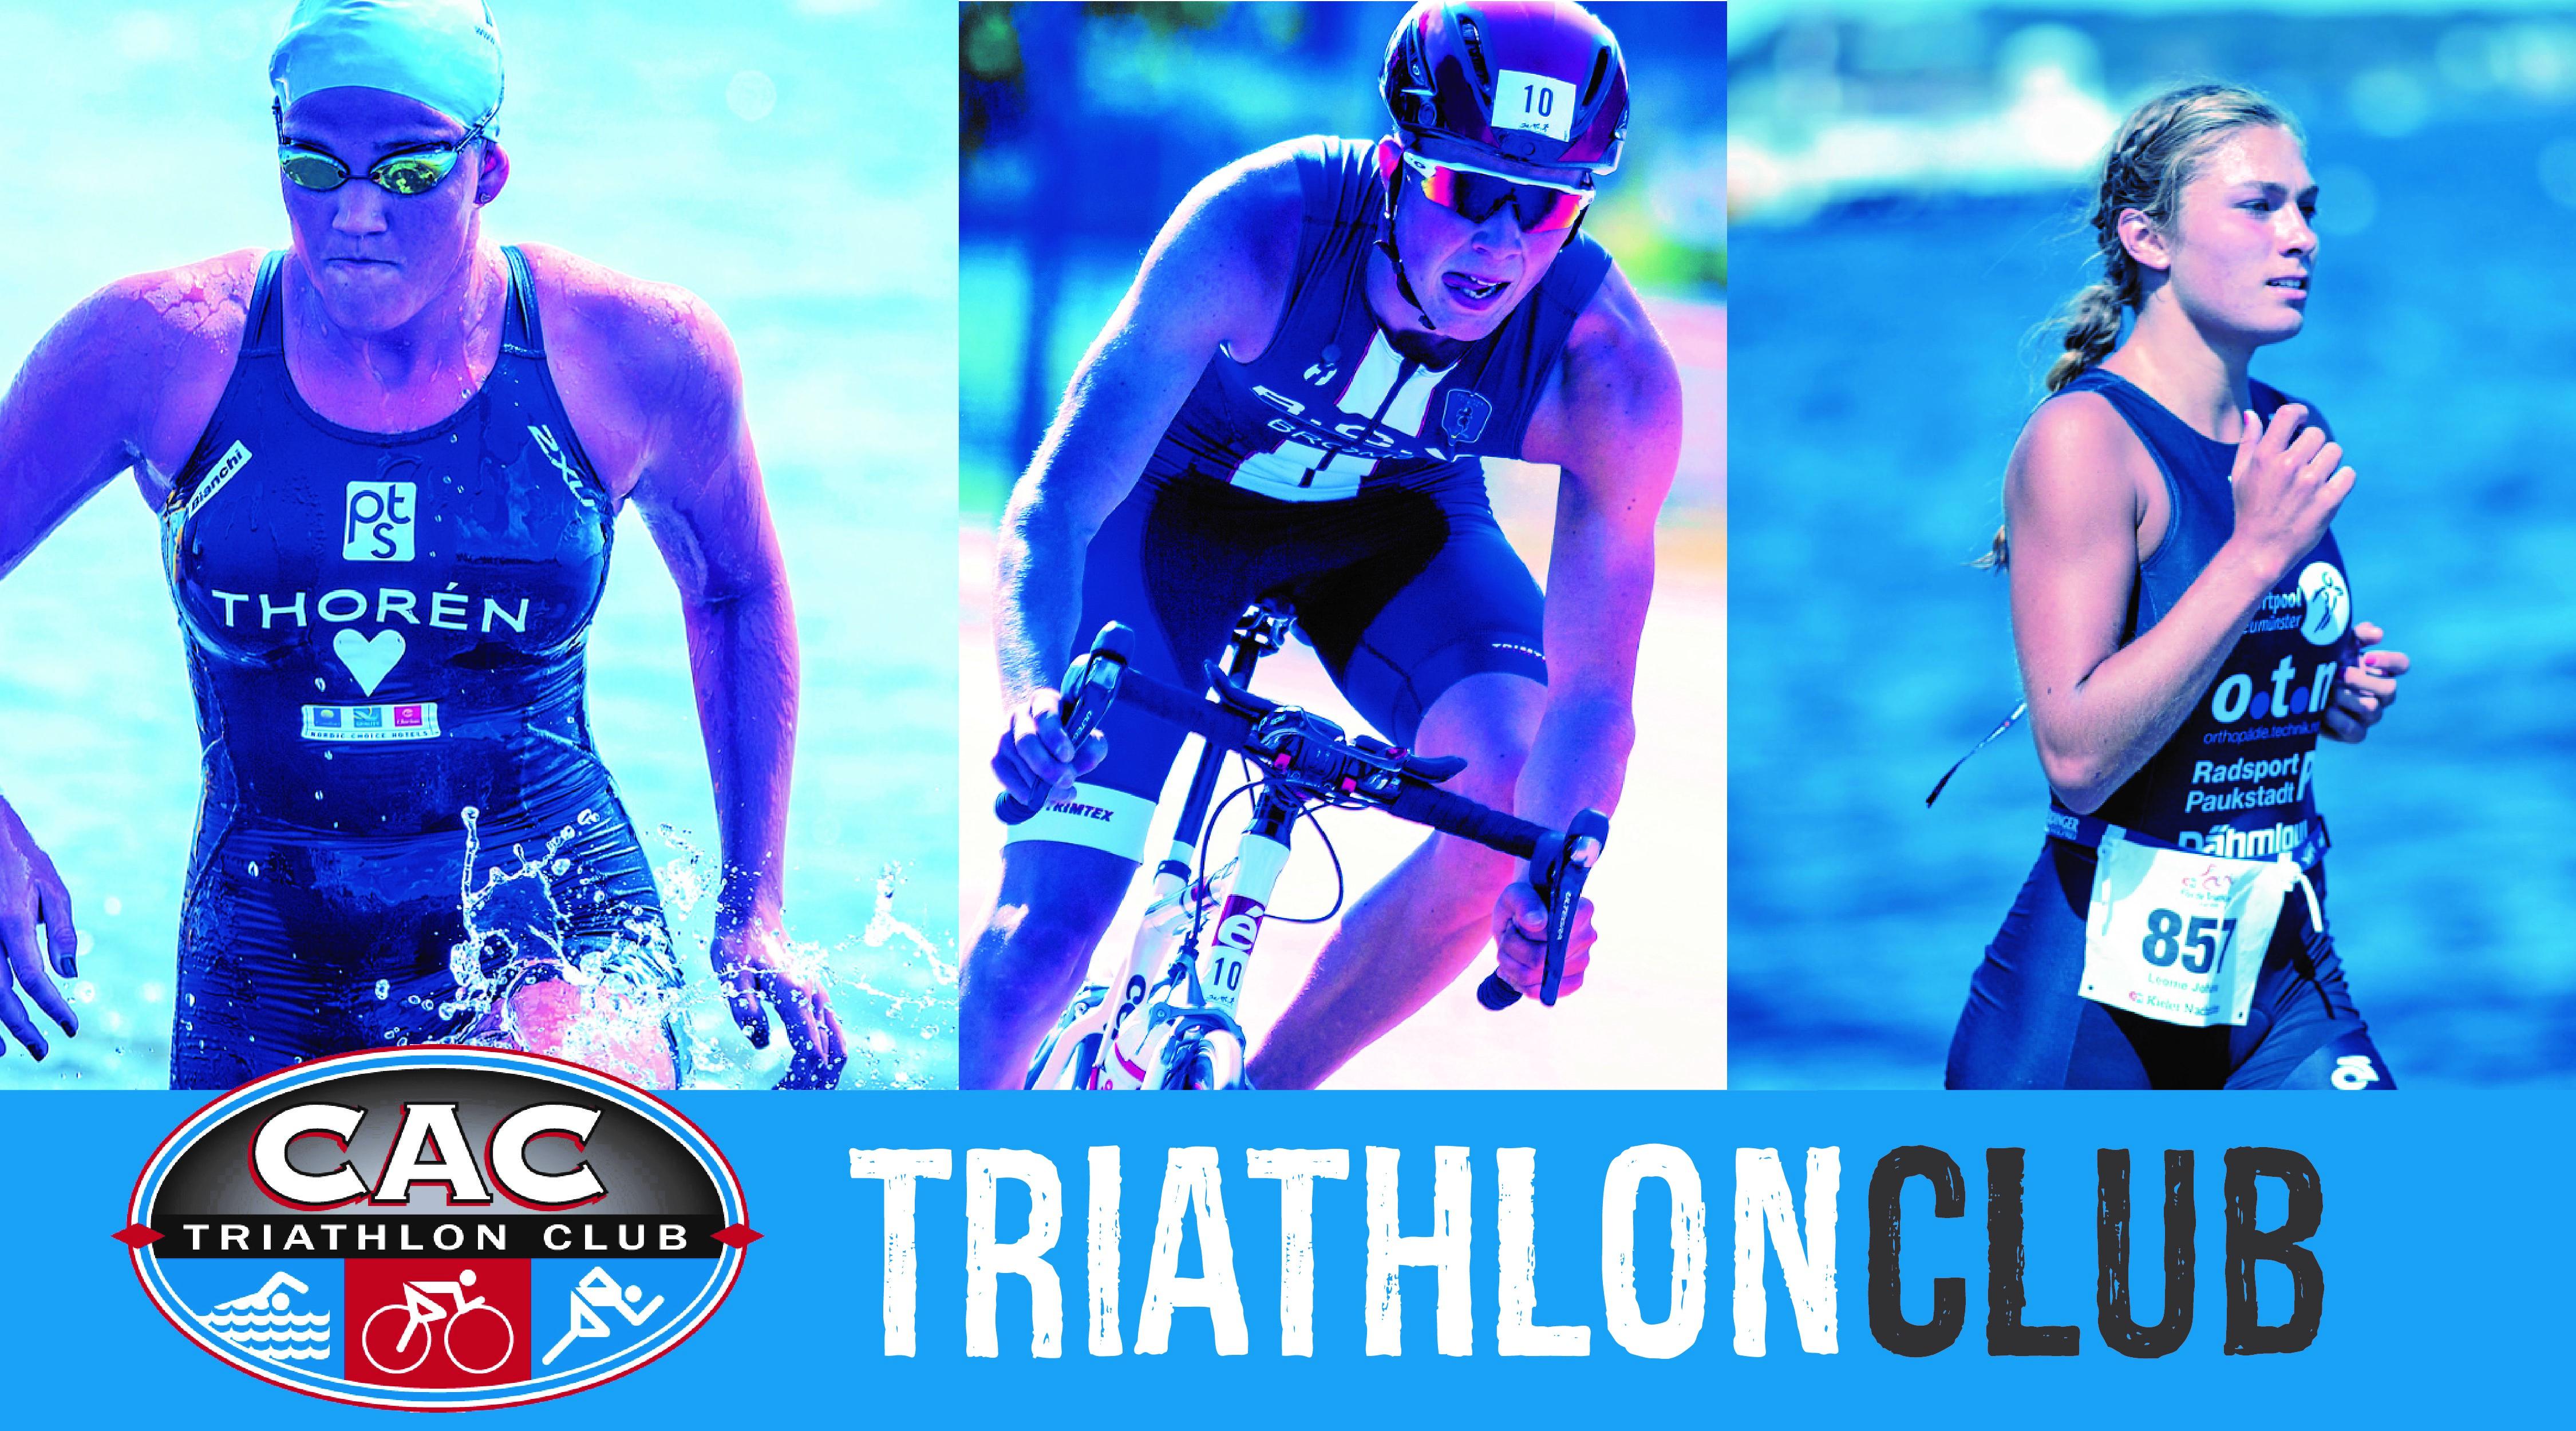 triathlon_club.jpg